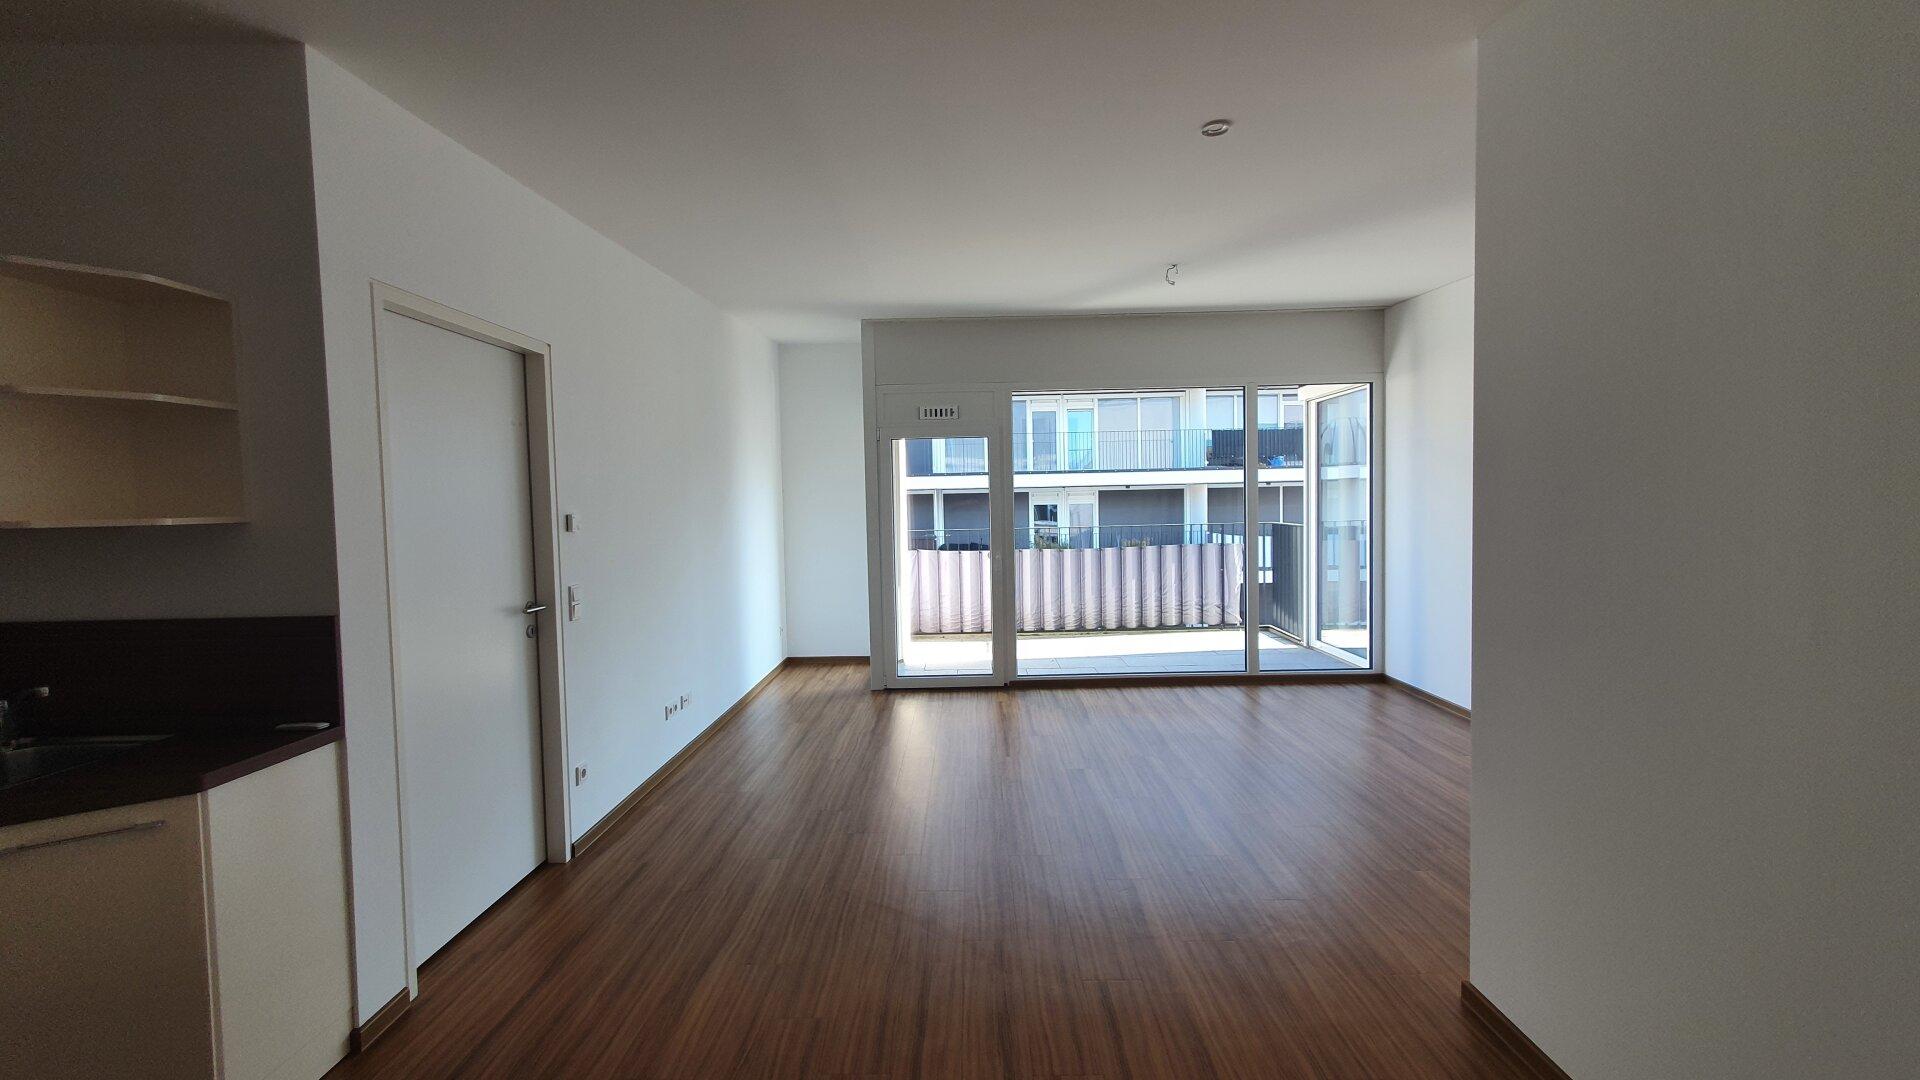 Koch/Ess/Wohnraum, 3-Zimmer Wohnung Kufstein Zentrum